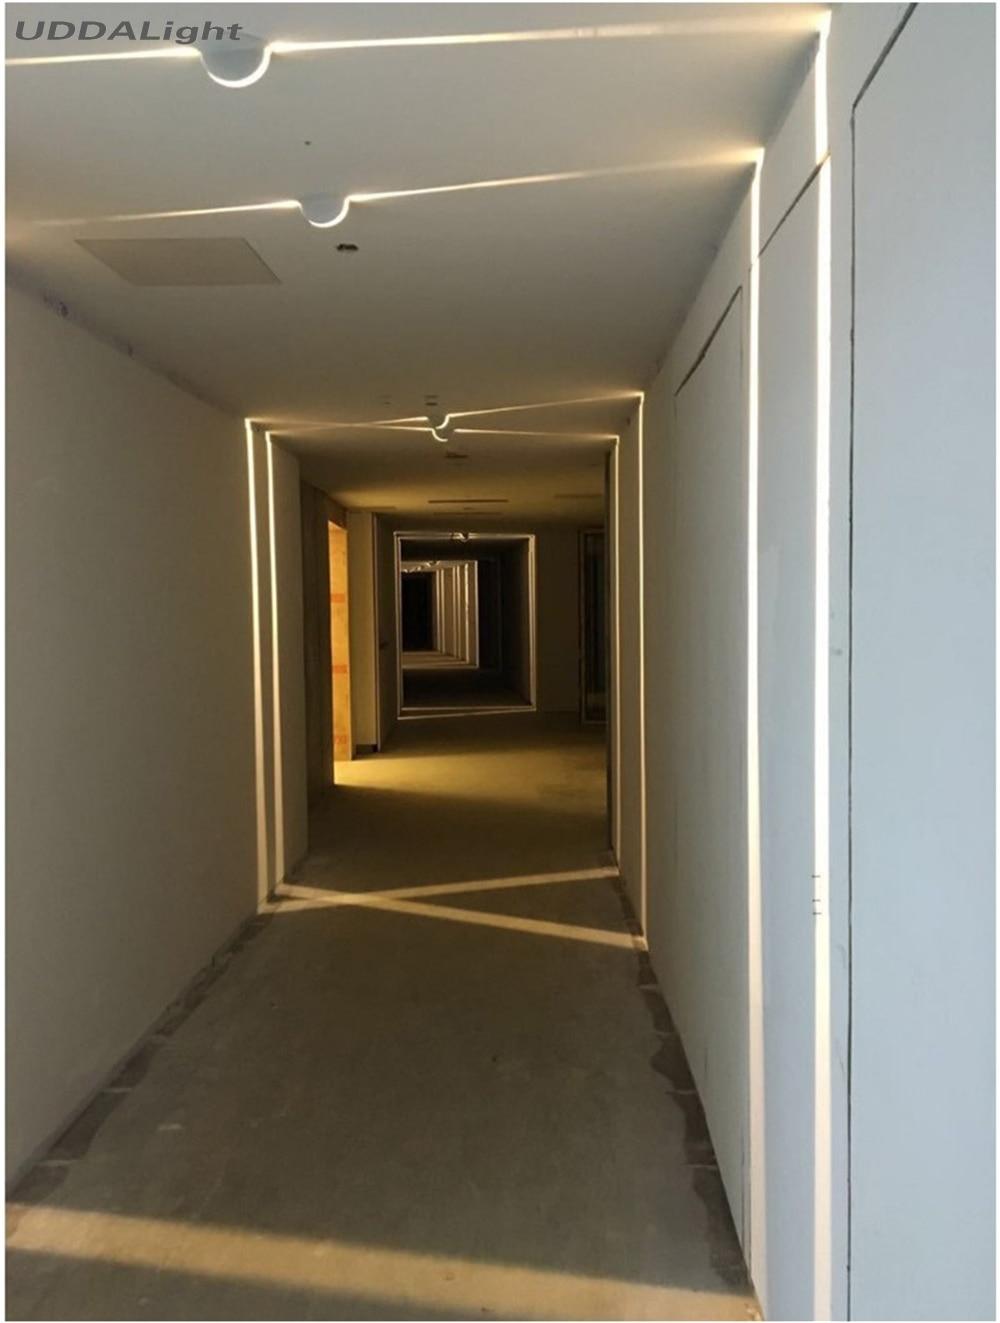 projeto de construcao estreita linha janela lampadas parede 10w luzes de parede para casa ressessed em